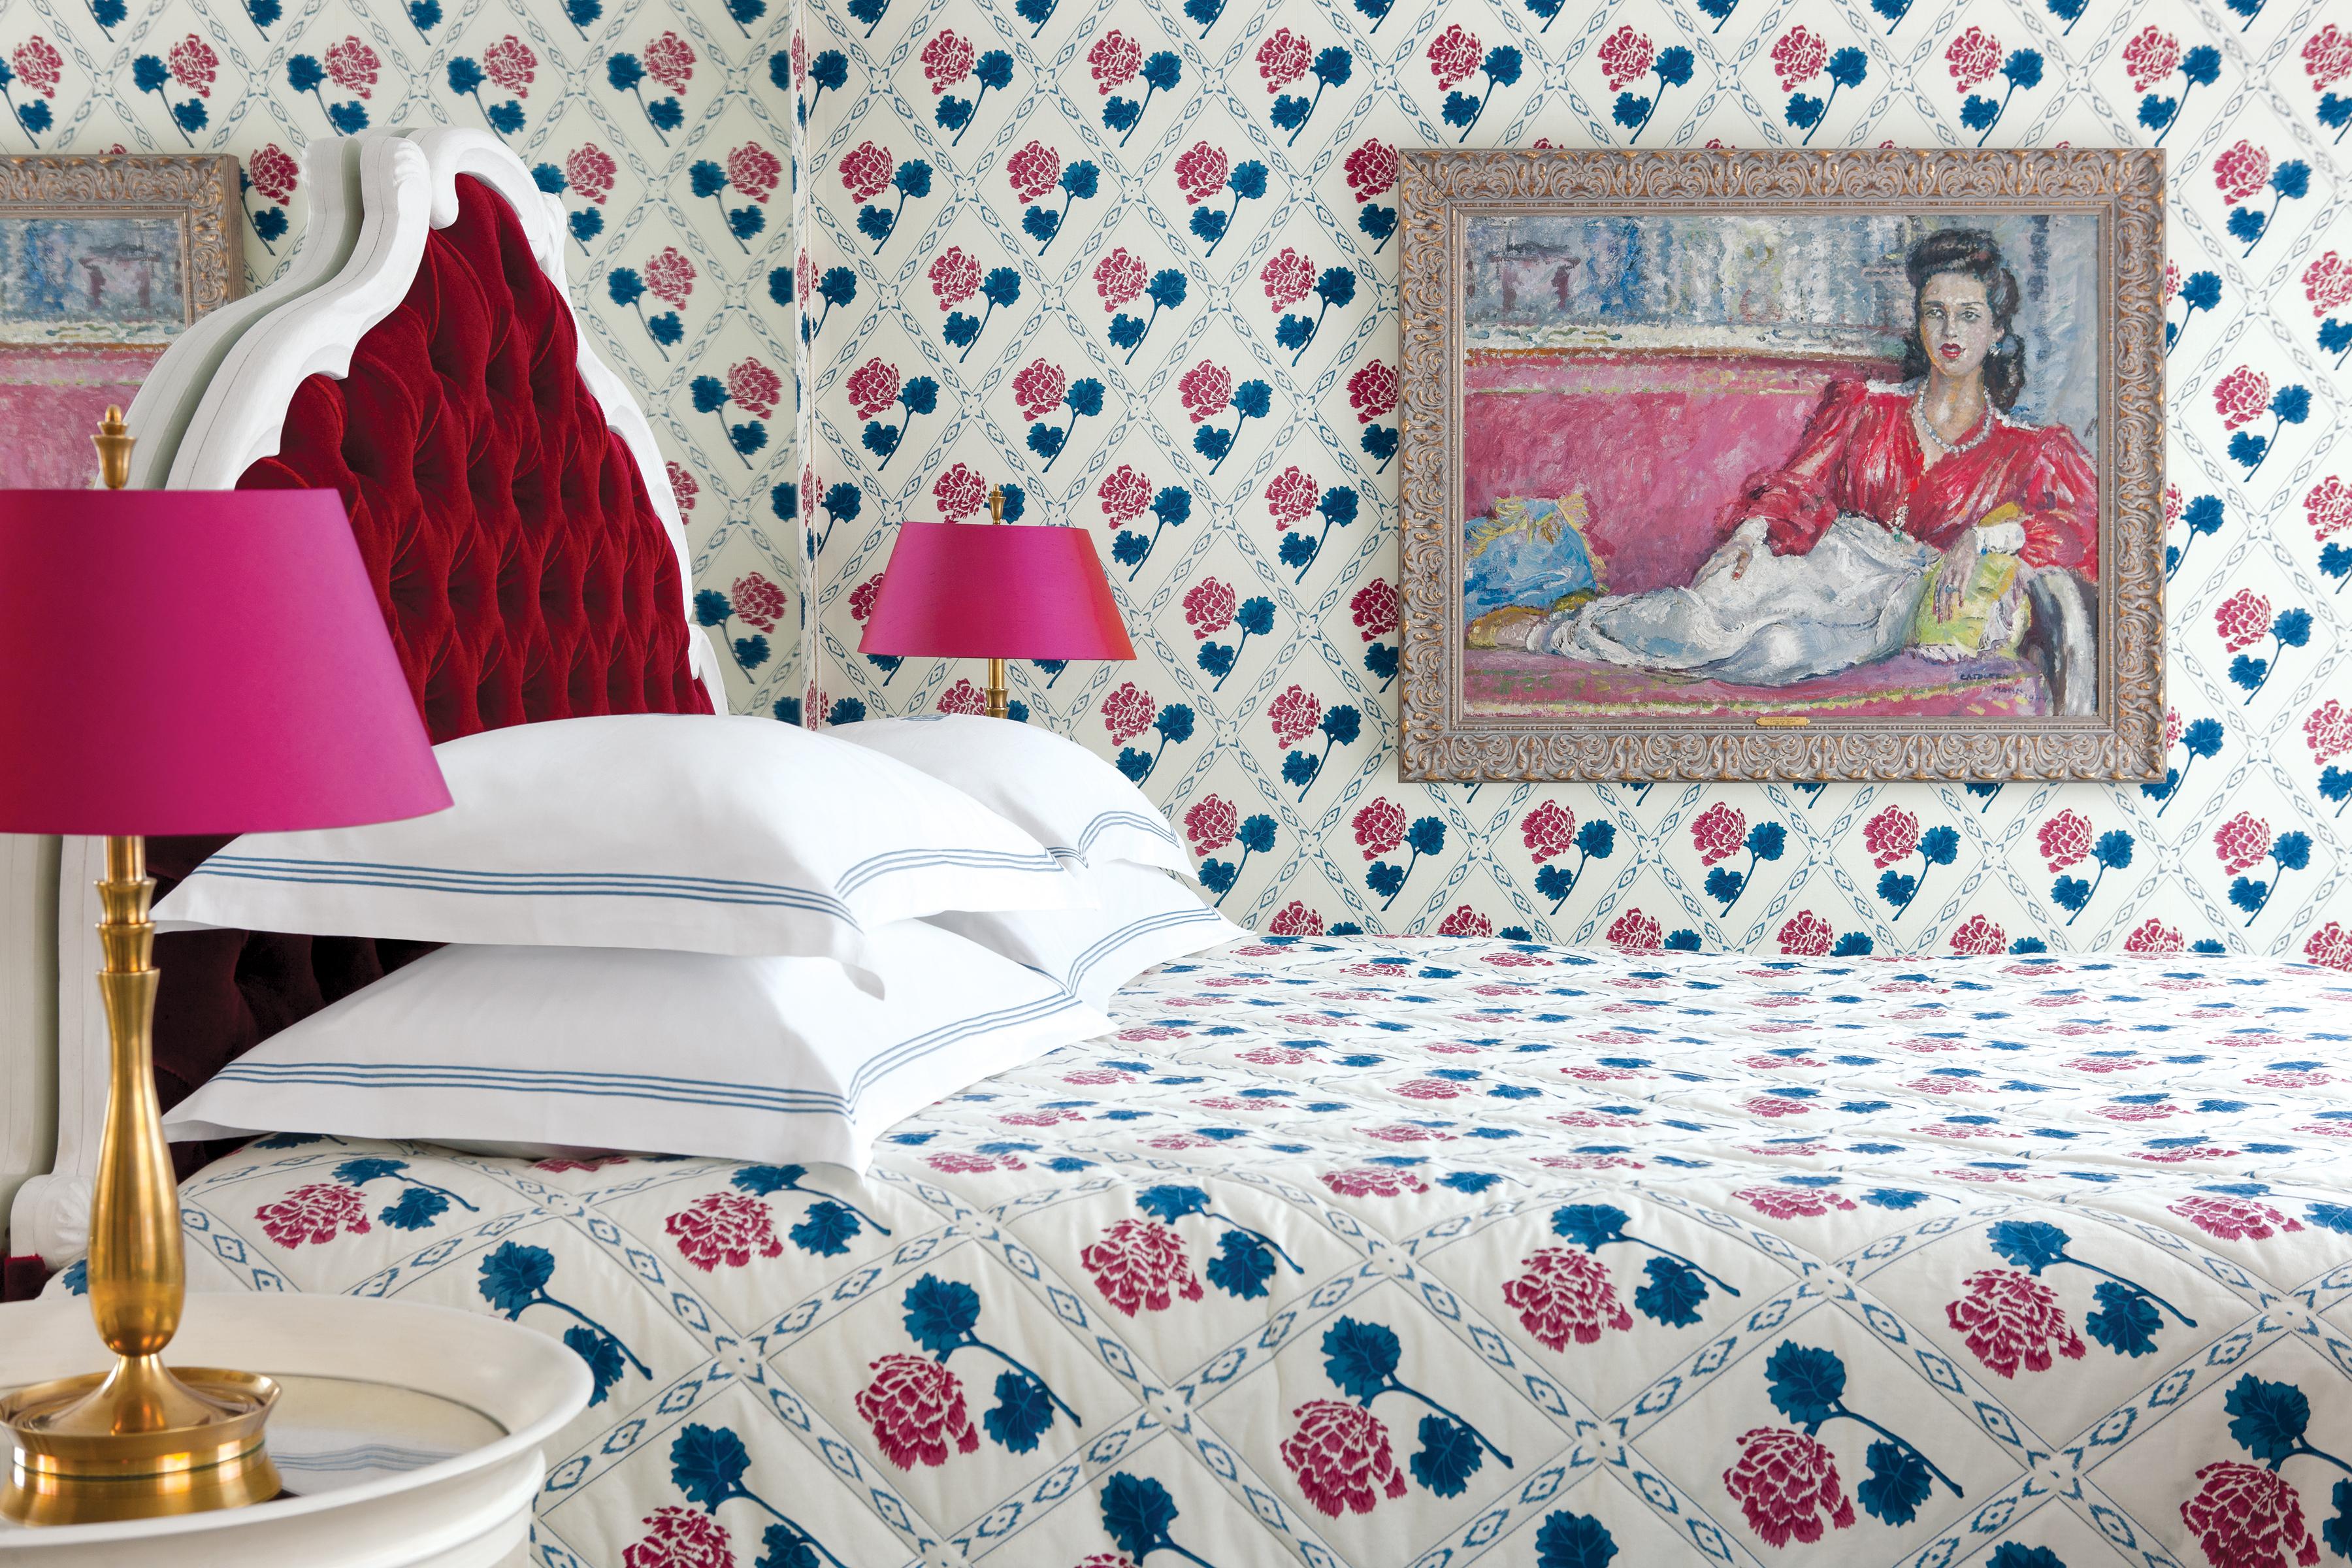 UNIWORLD Boutique River Cruises SS Antoinette Accommodation Suite 402.jpg